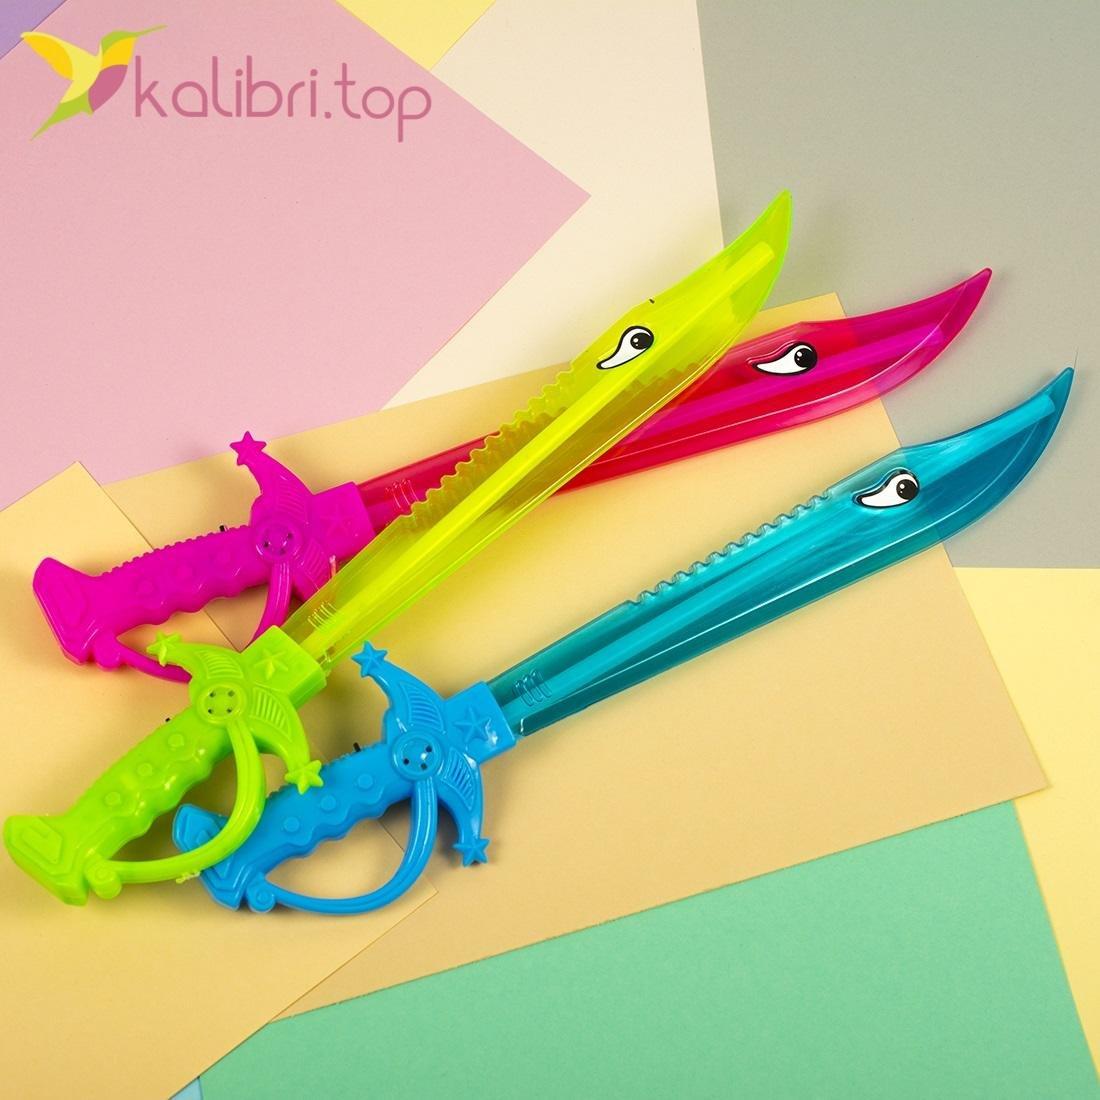 Детский меч музыкальный, светящийся - Kalibri.top